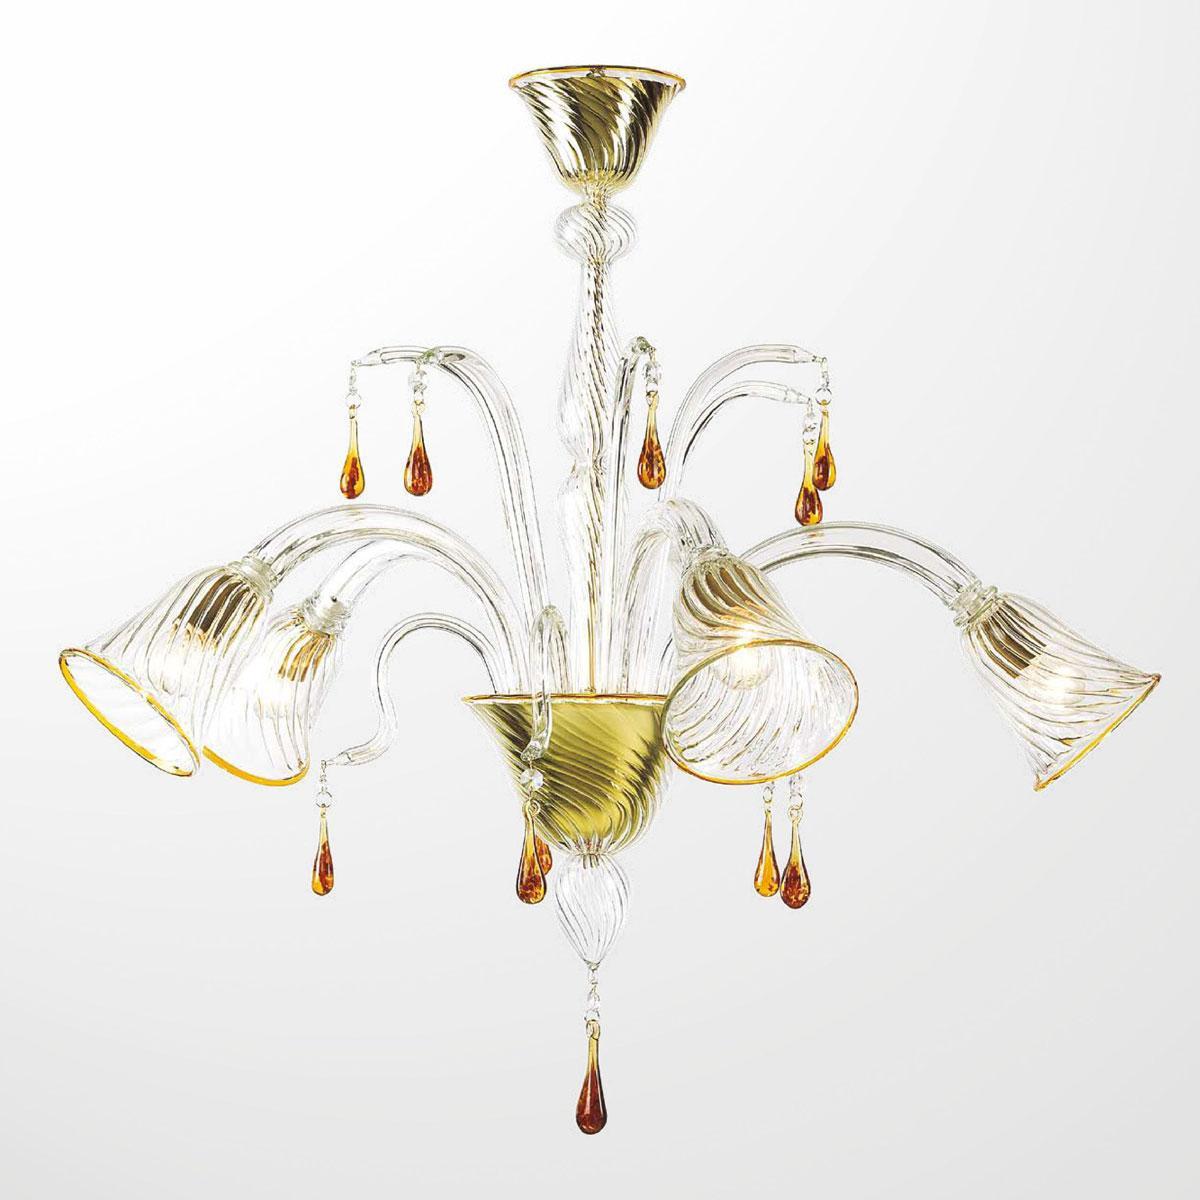 """""""Crista"""" lampara de araña de Murano - 5 luces - transparente y ámbar"""